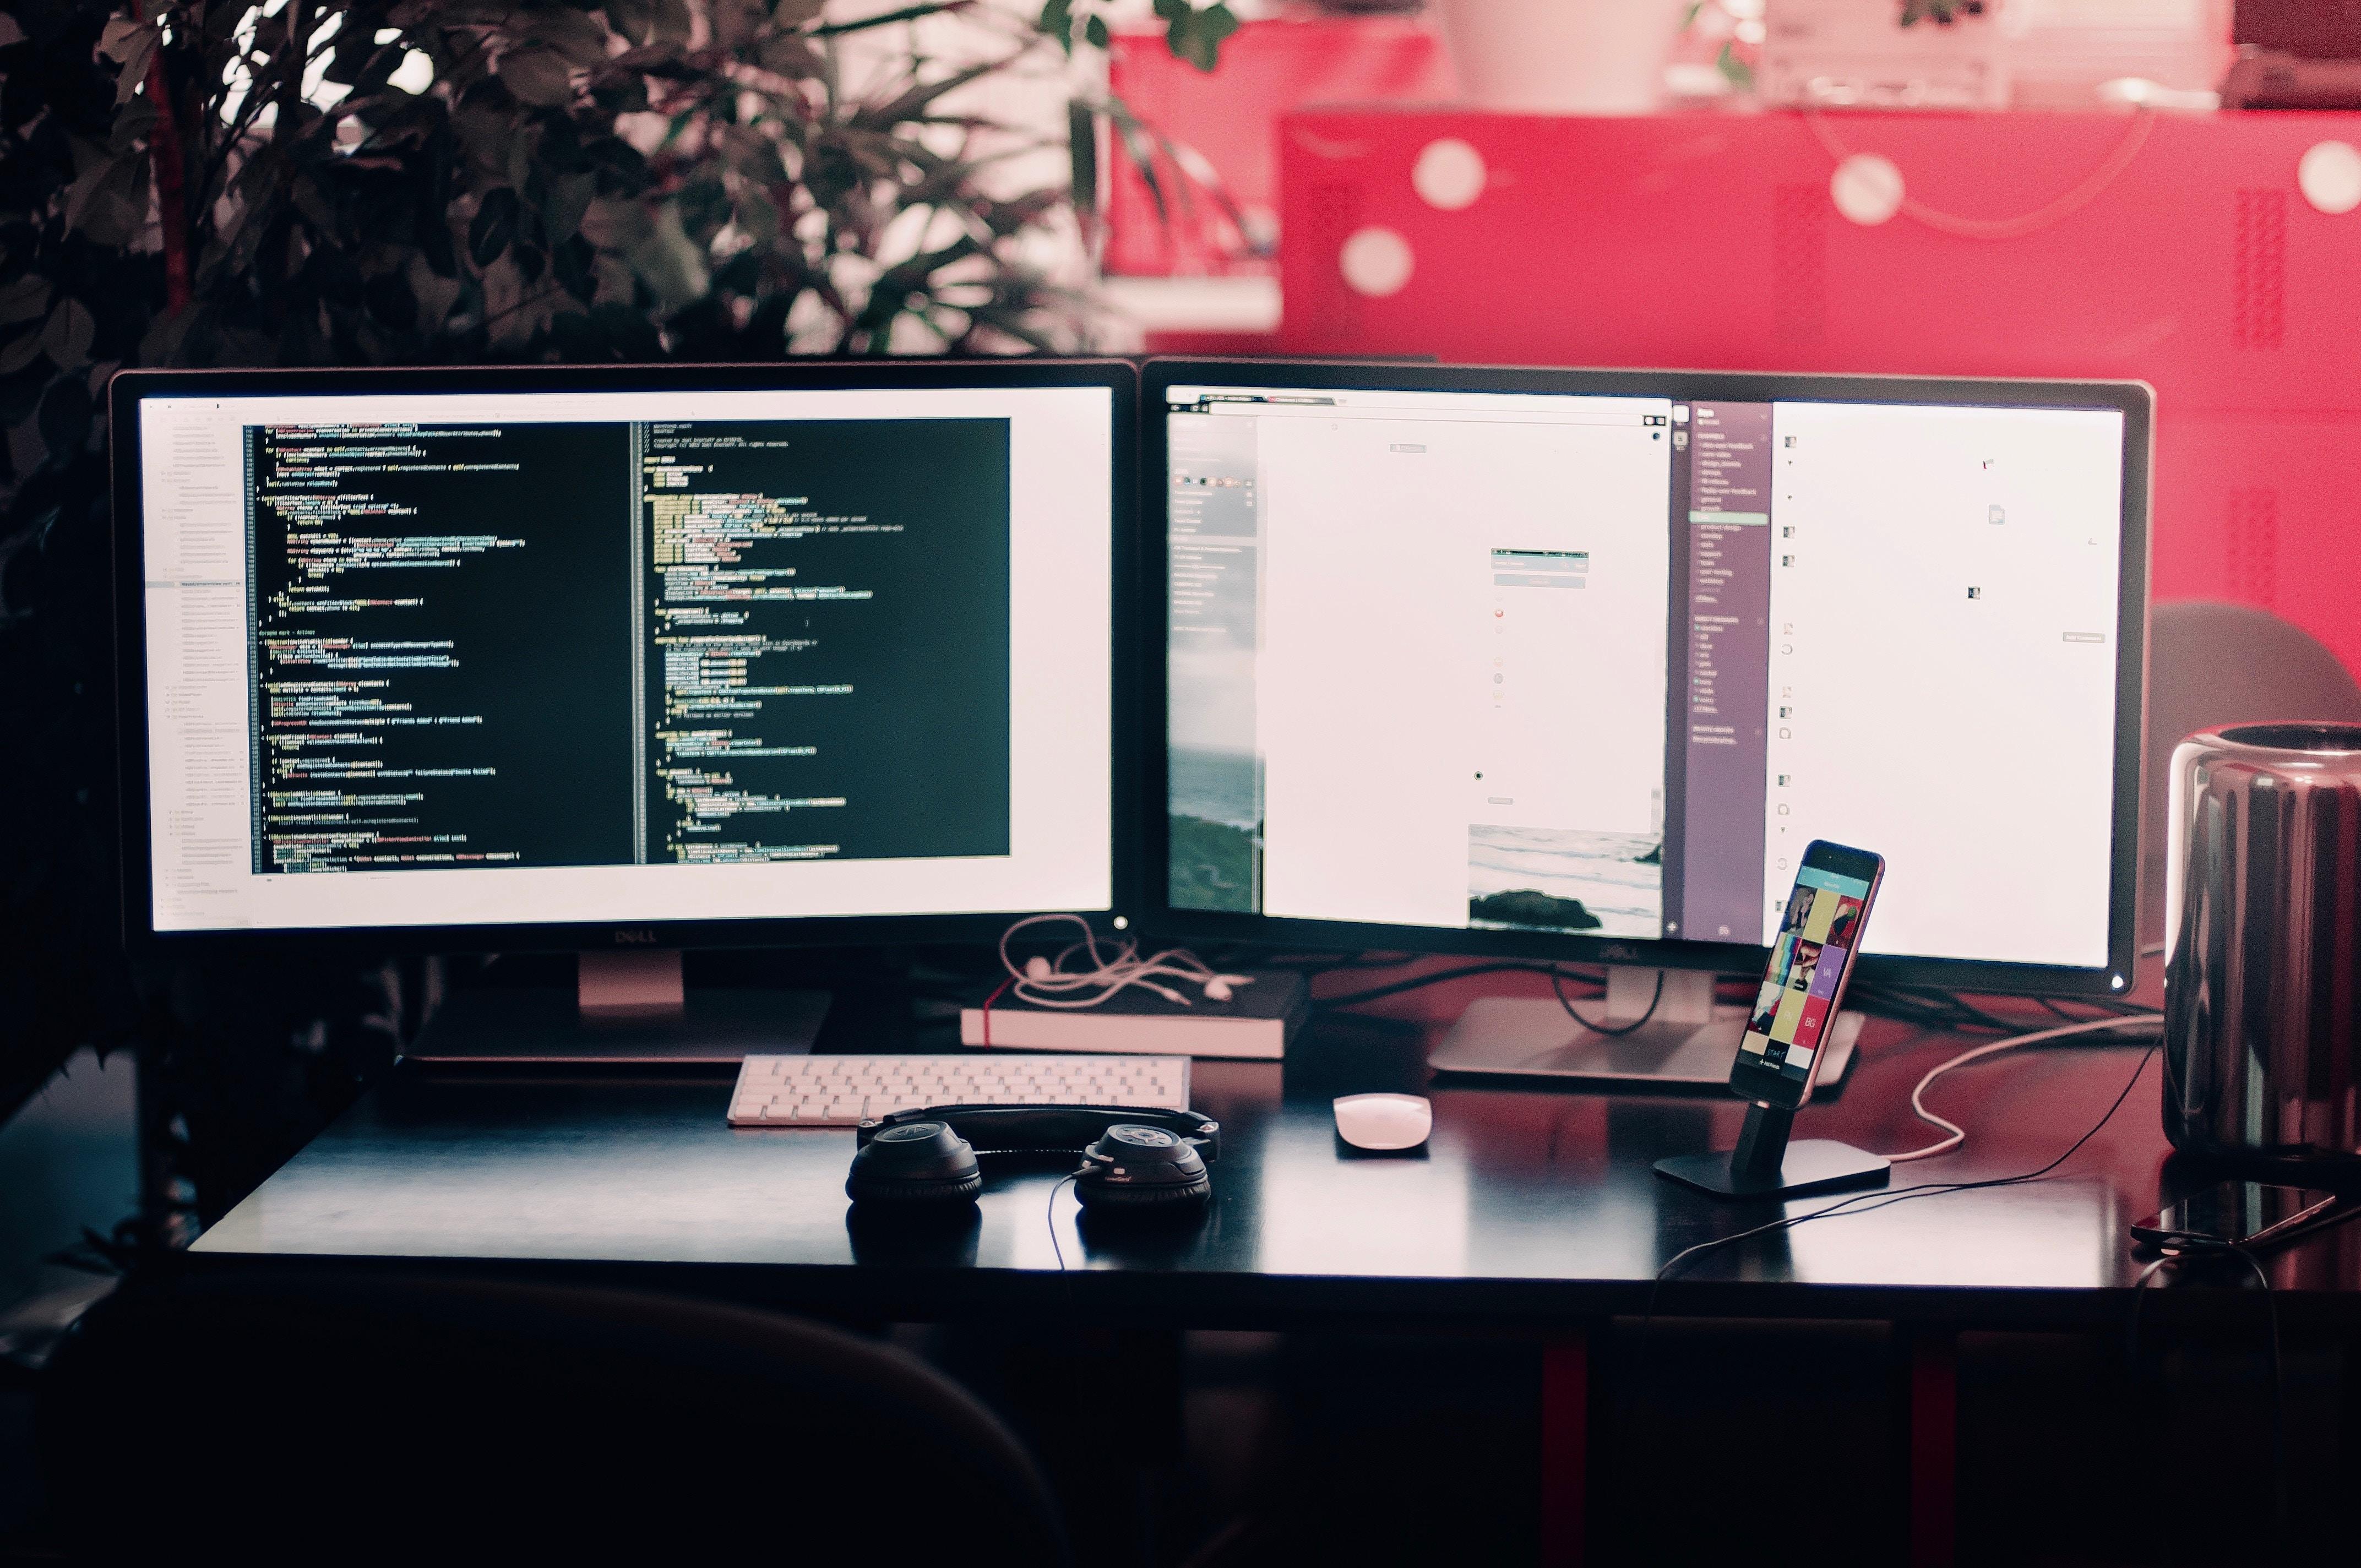 espacio de trabajo de un TI